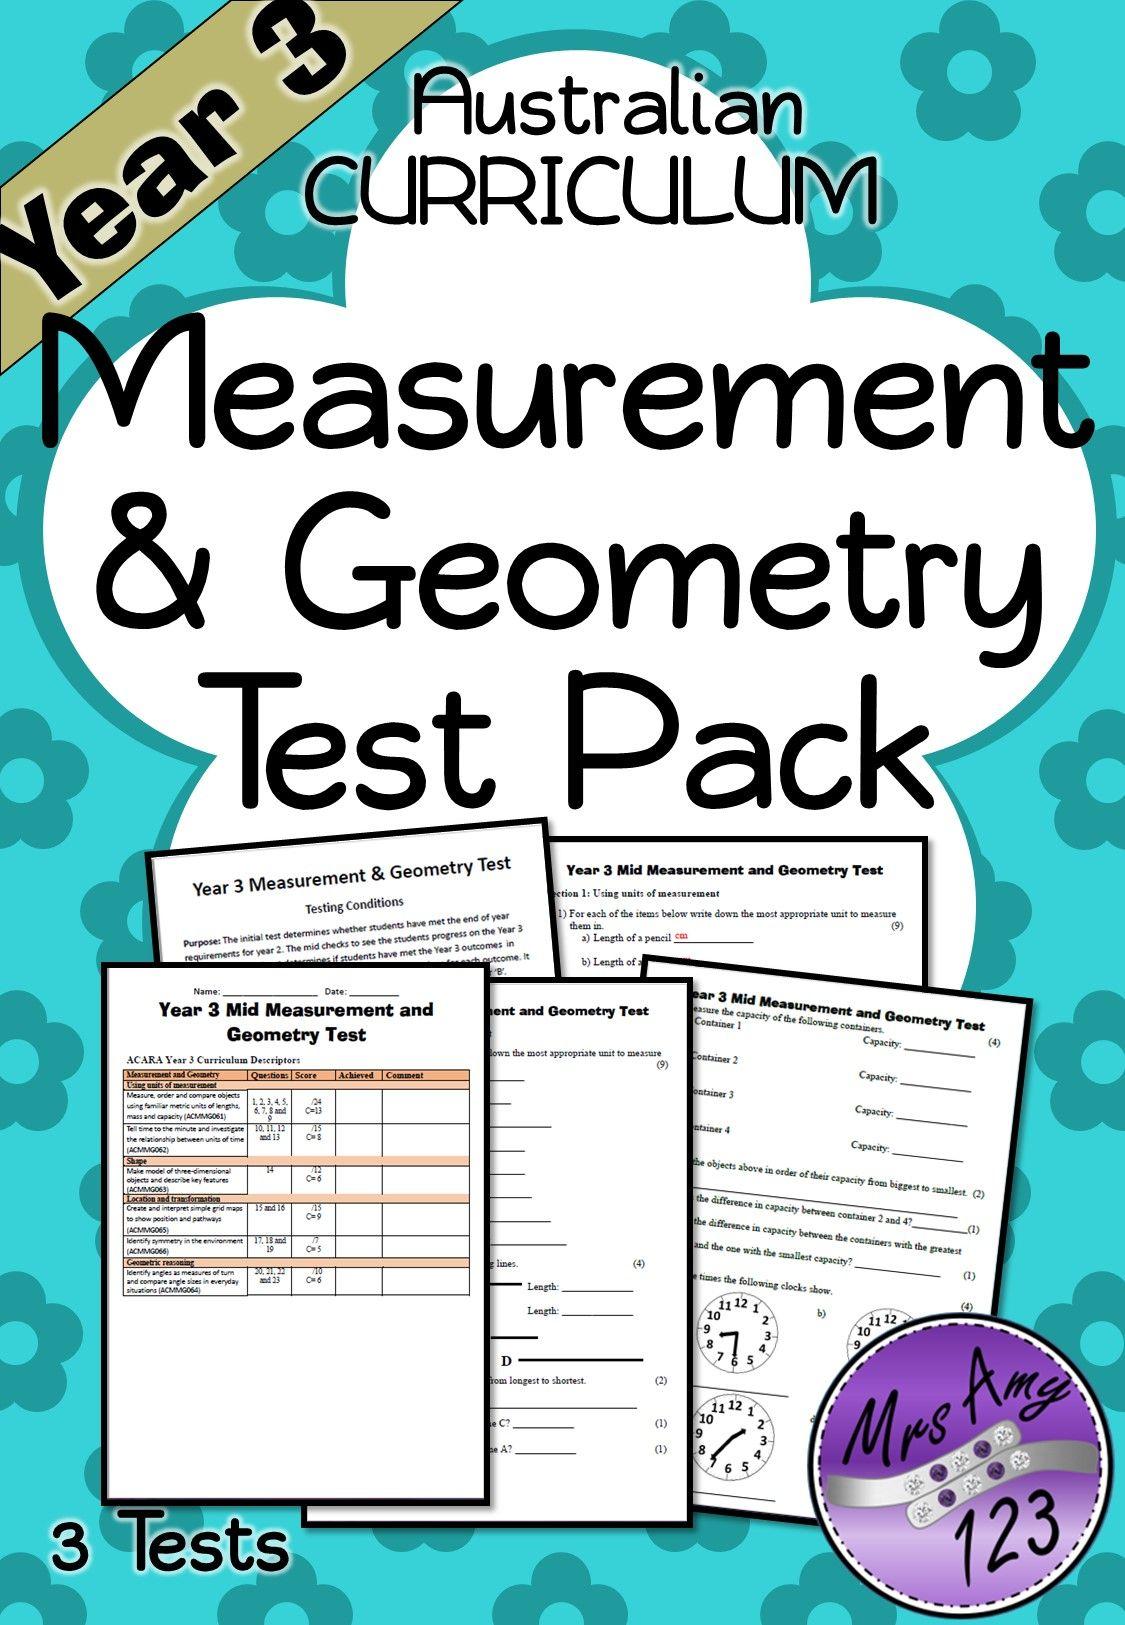 Mathematics Assessment Year 1 Australian Curriculum   Australian ...